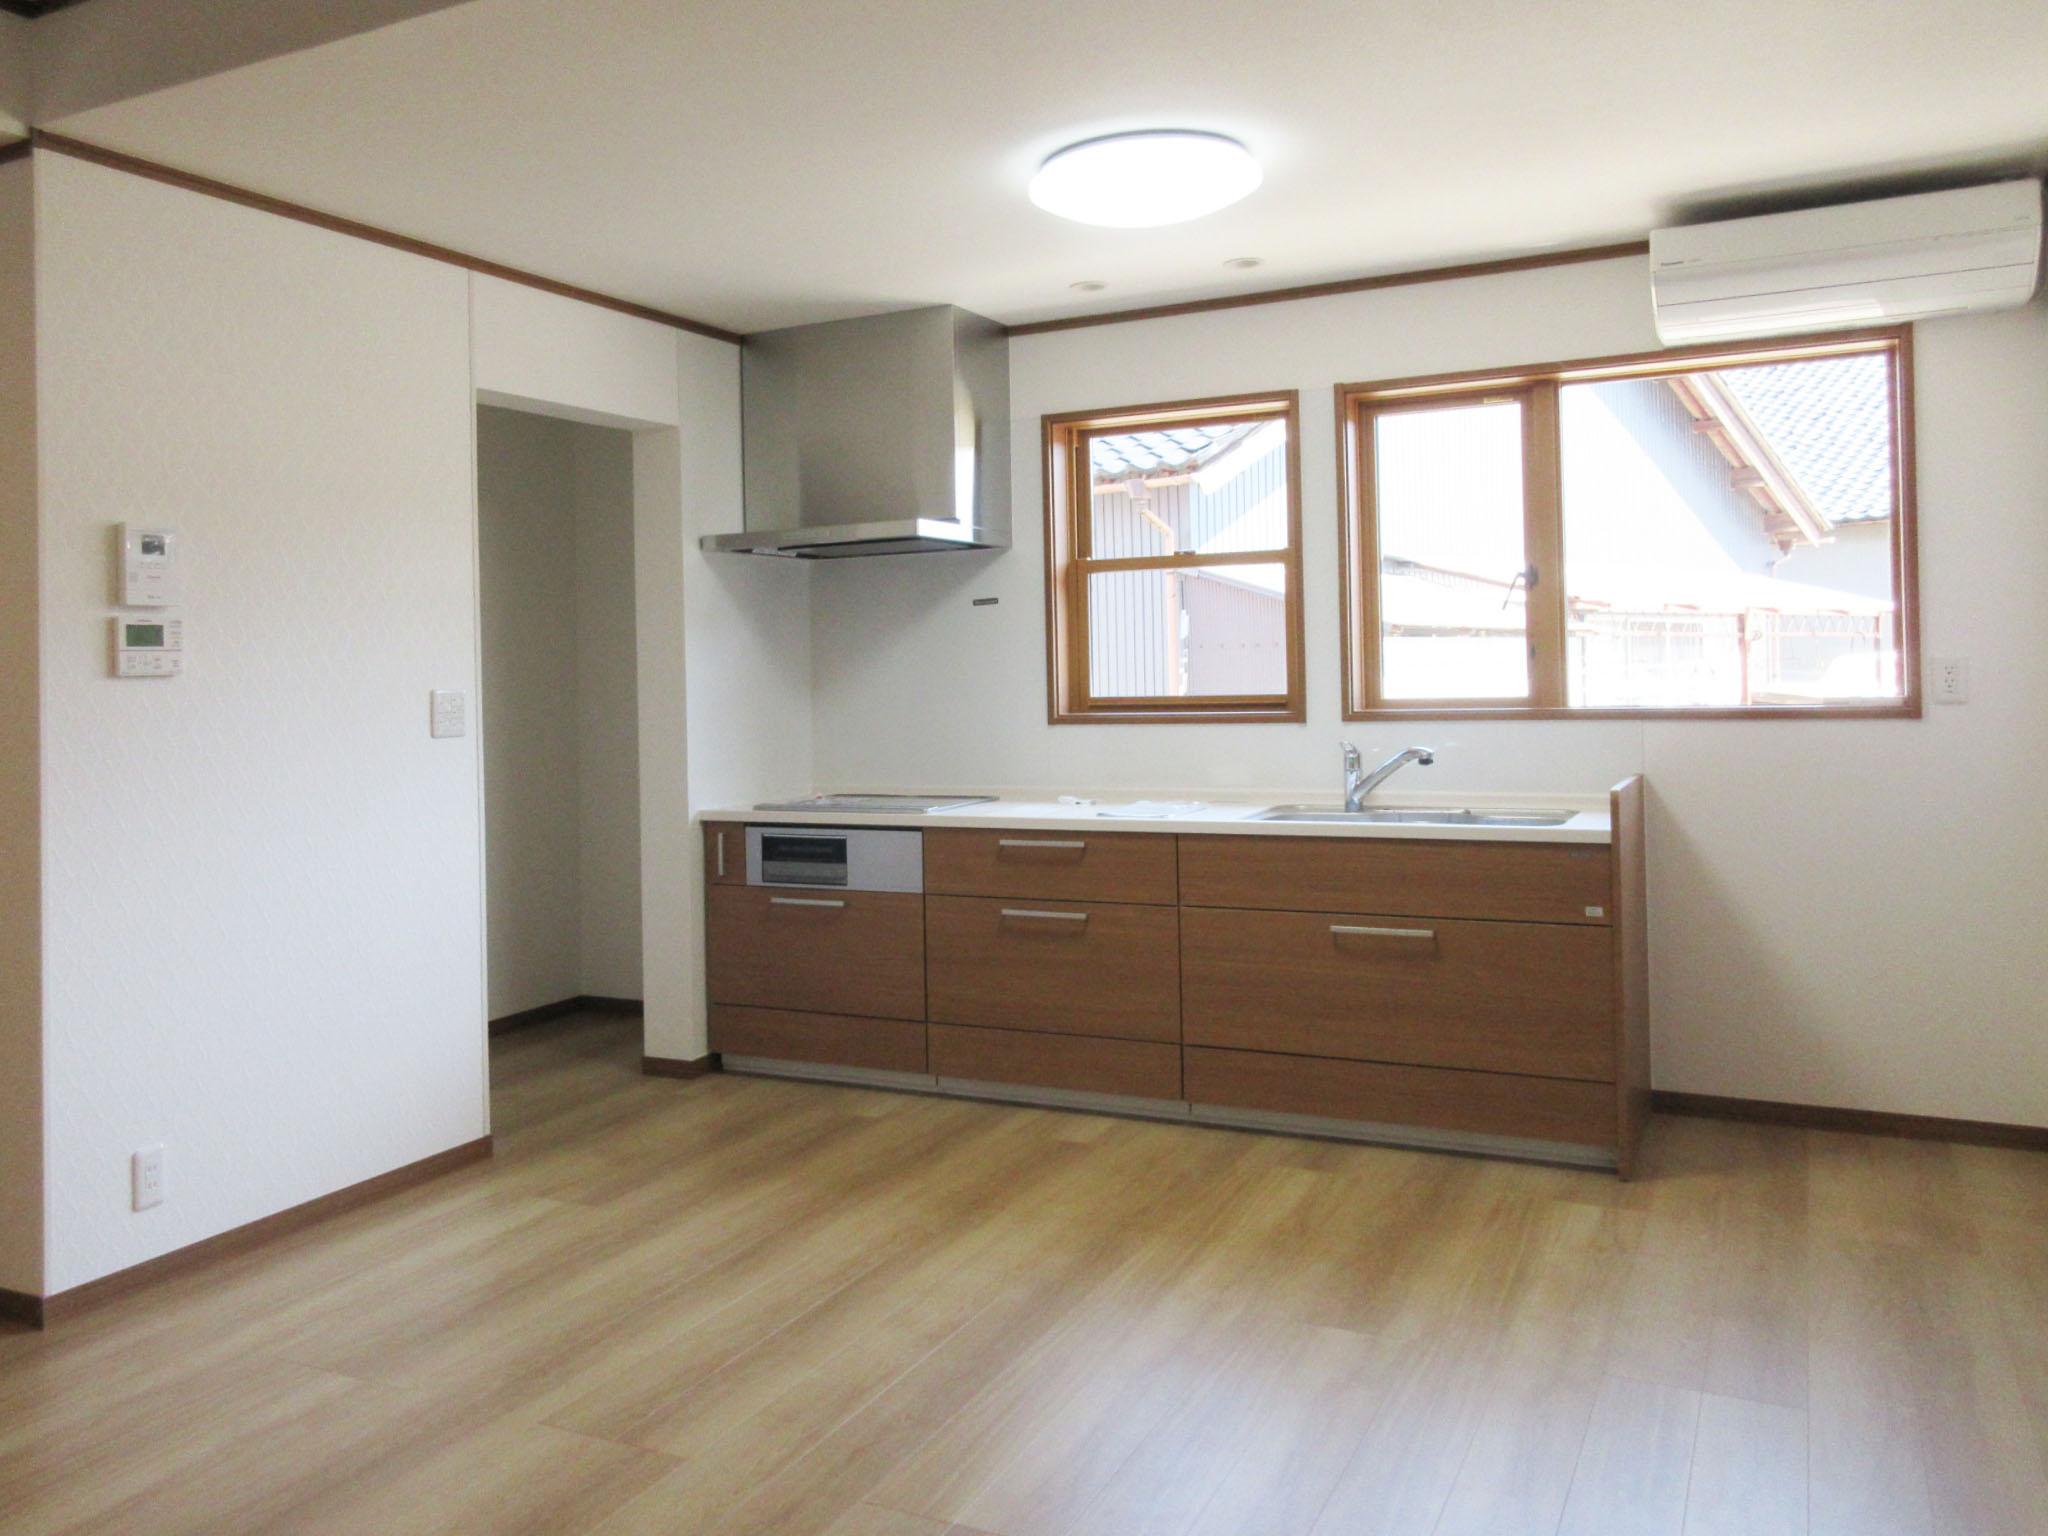 スッキリとした使いやすいキッチンへ改装